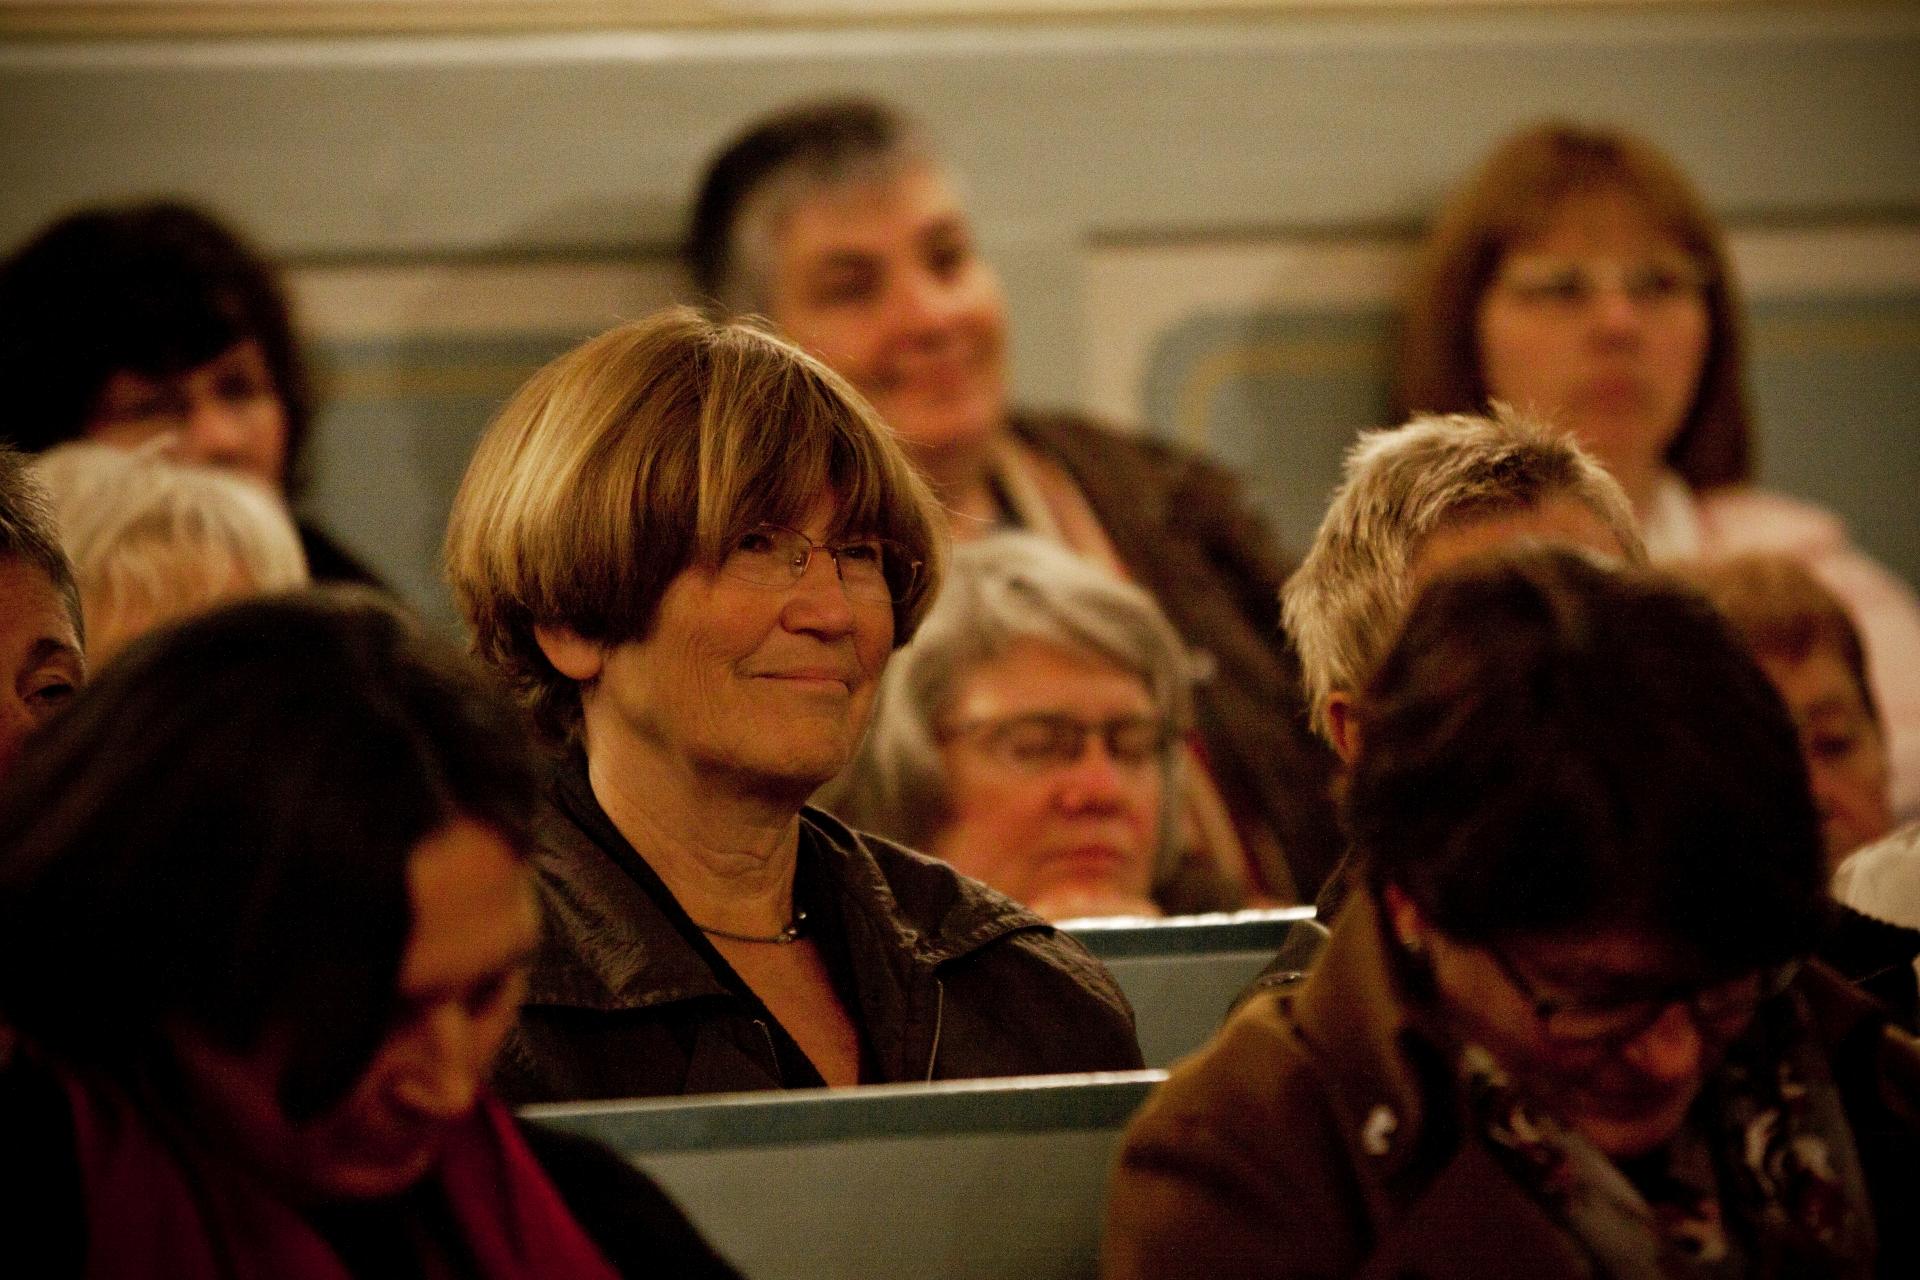 Aufruhr im Ried, aber auch Genuss - Publikum bei Lesung mit Gabriele Wohmann in Kirche in Biebesheim